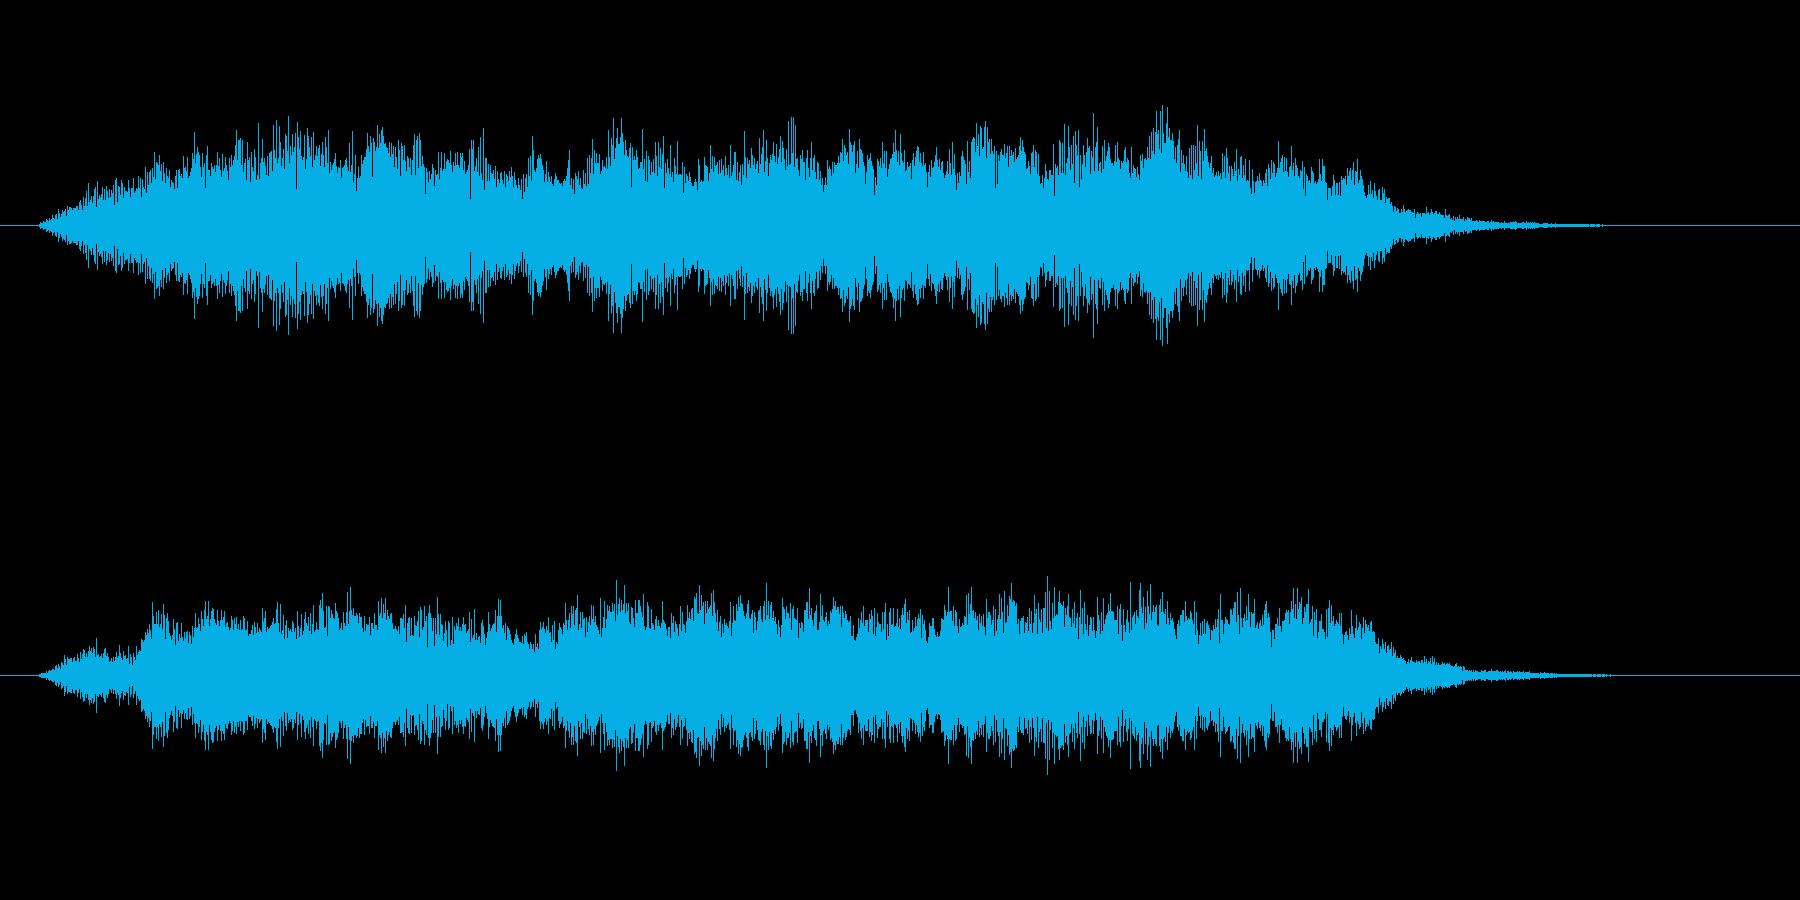 ゆったりと落ち着いた幻想曲の再生済みの波形